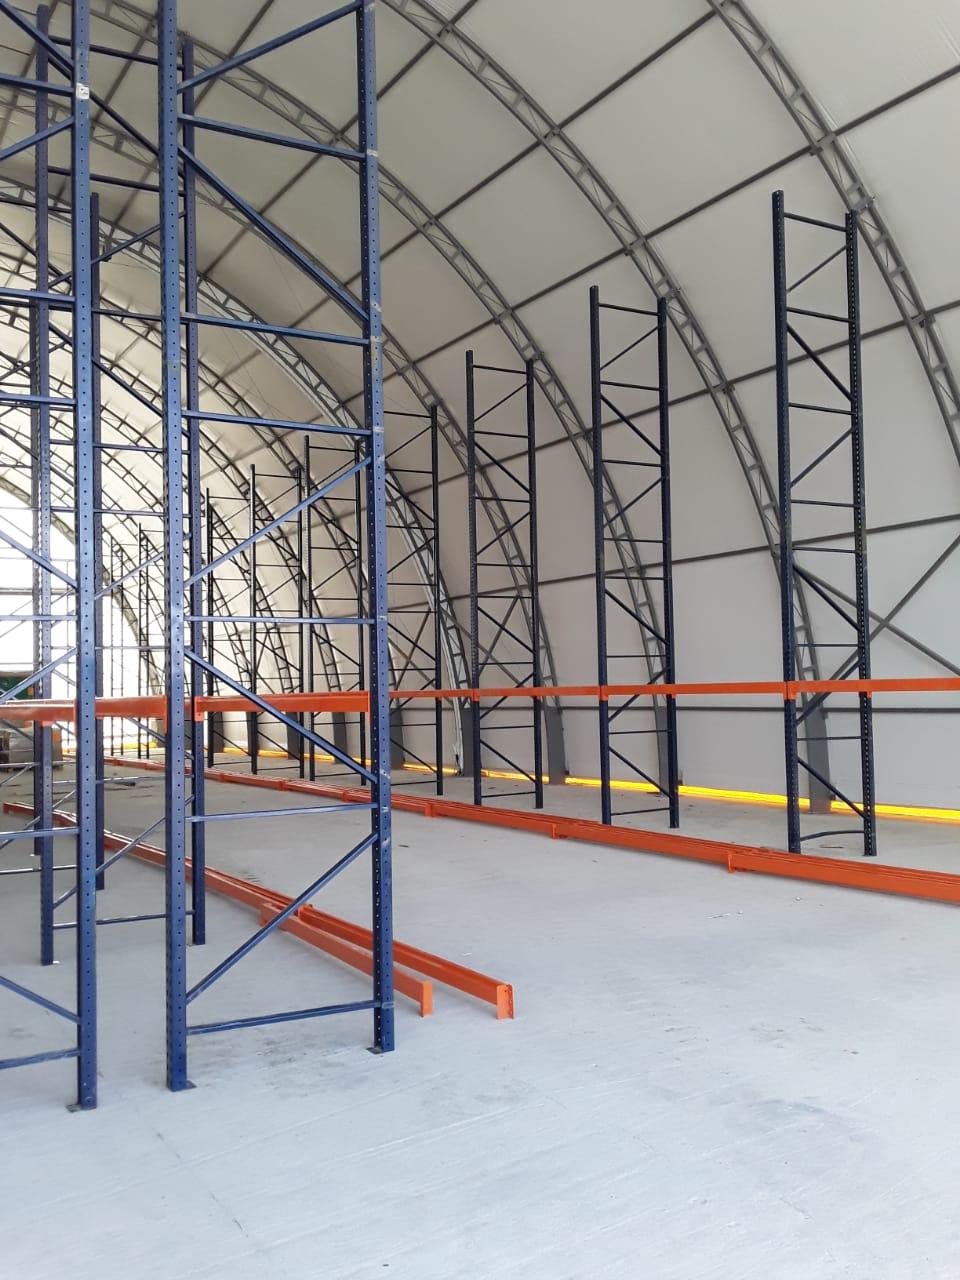 estanteria metalica industrial Pesada para ecobodegas ecopetrol solmetal (8)